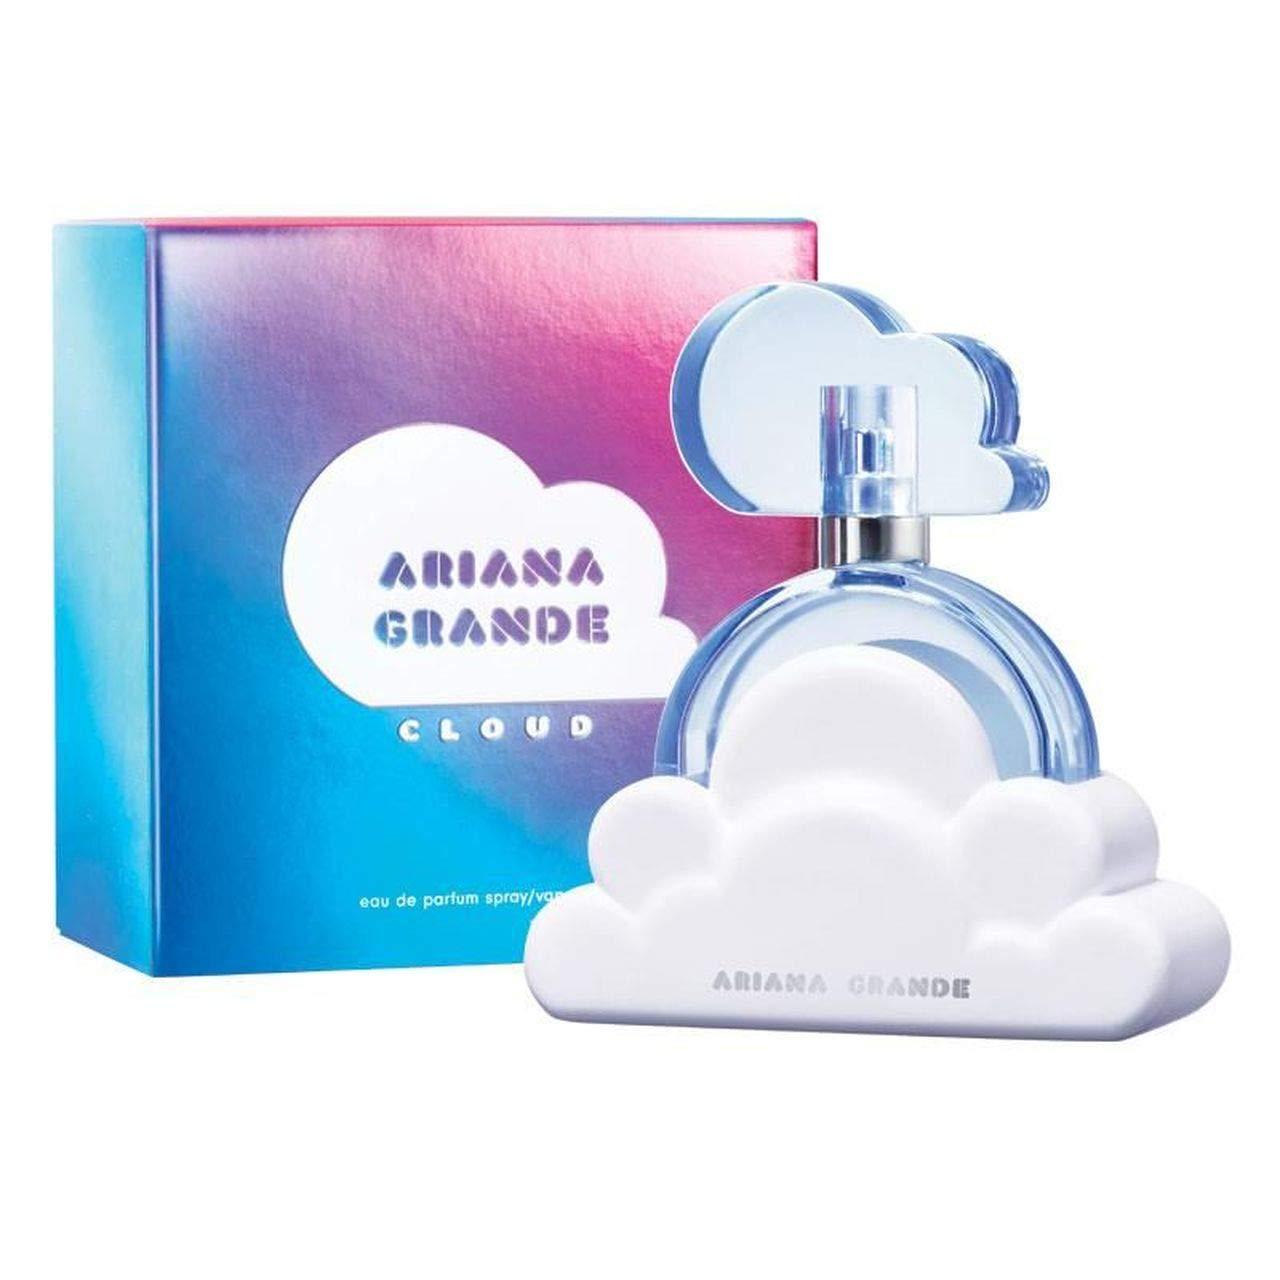 Ariana Grande Cloud Eau de Parfum Spray 3.4 oz by Ariana Grande